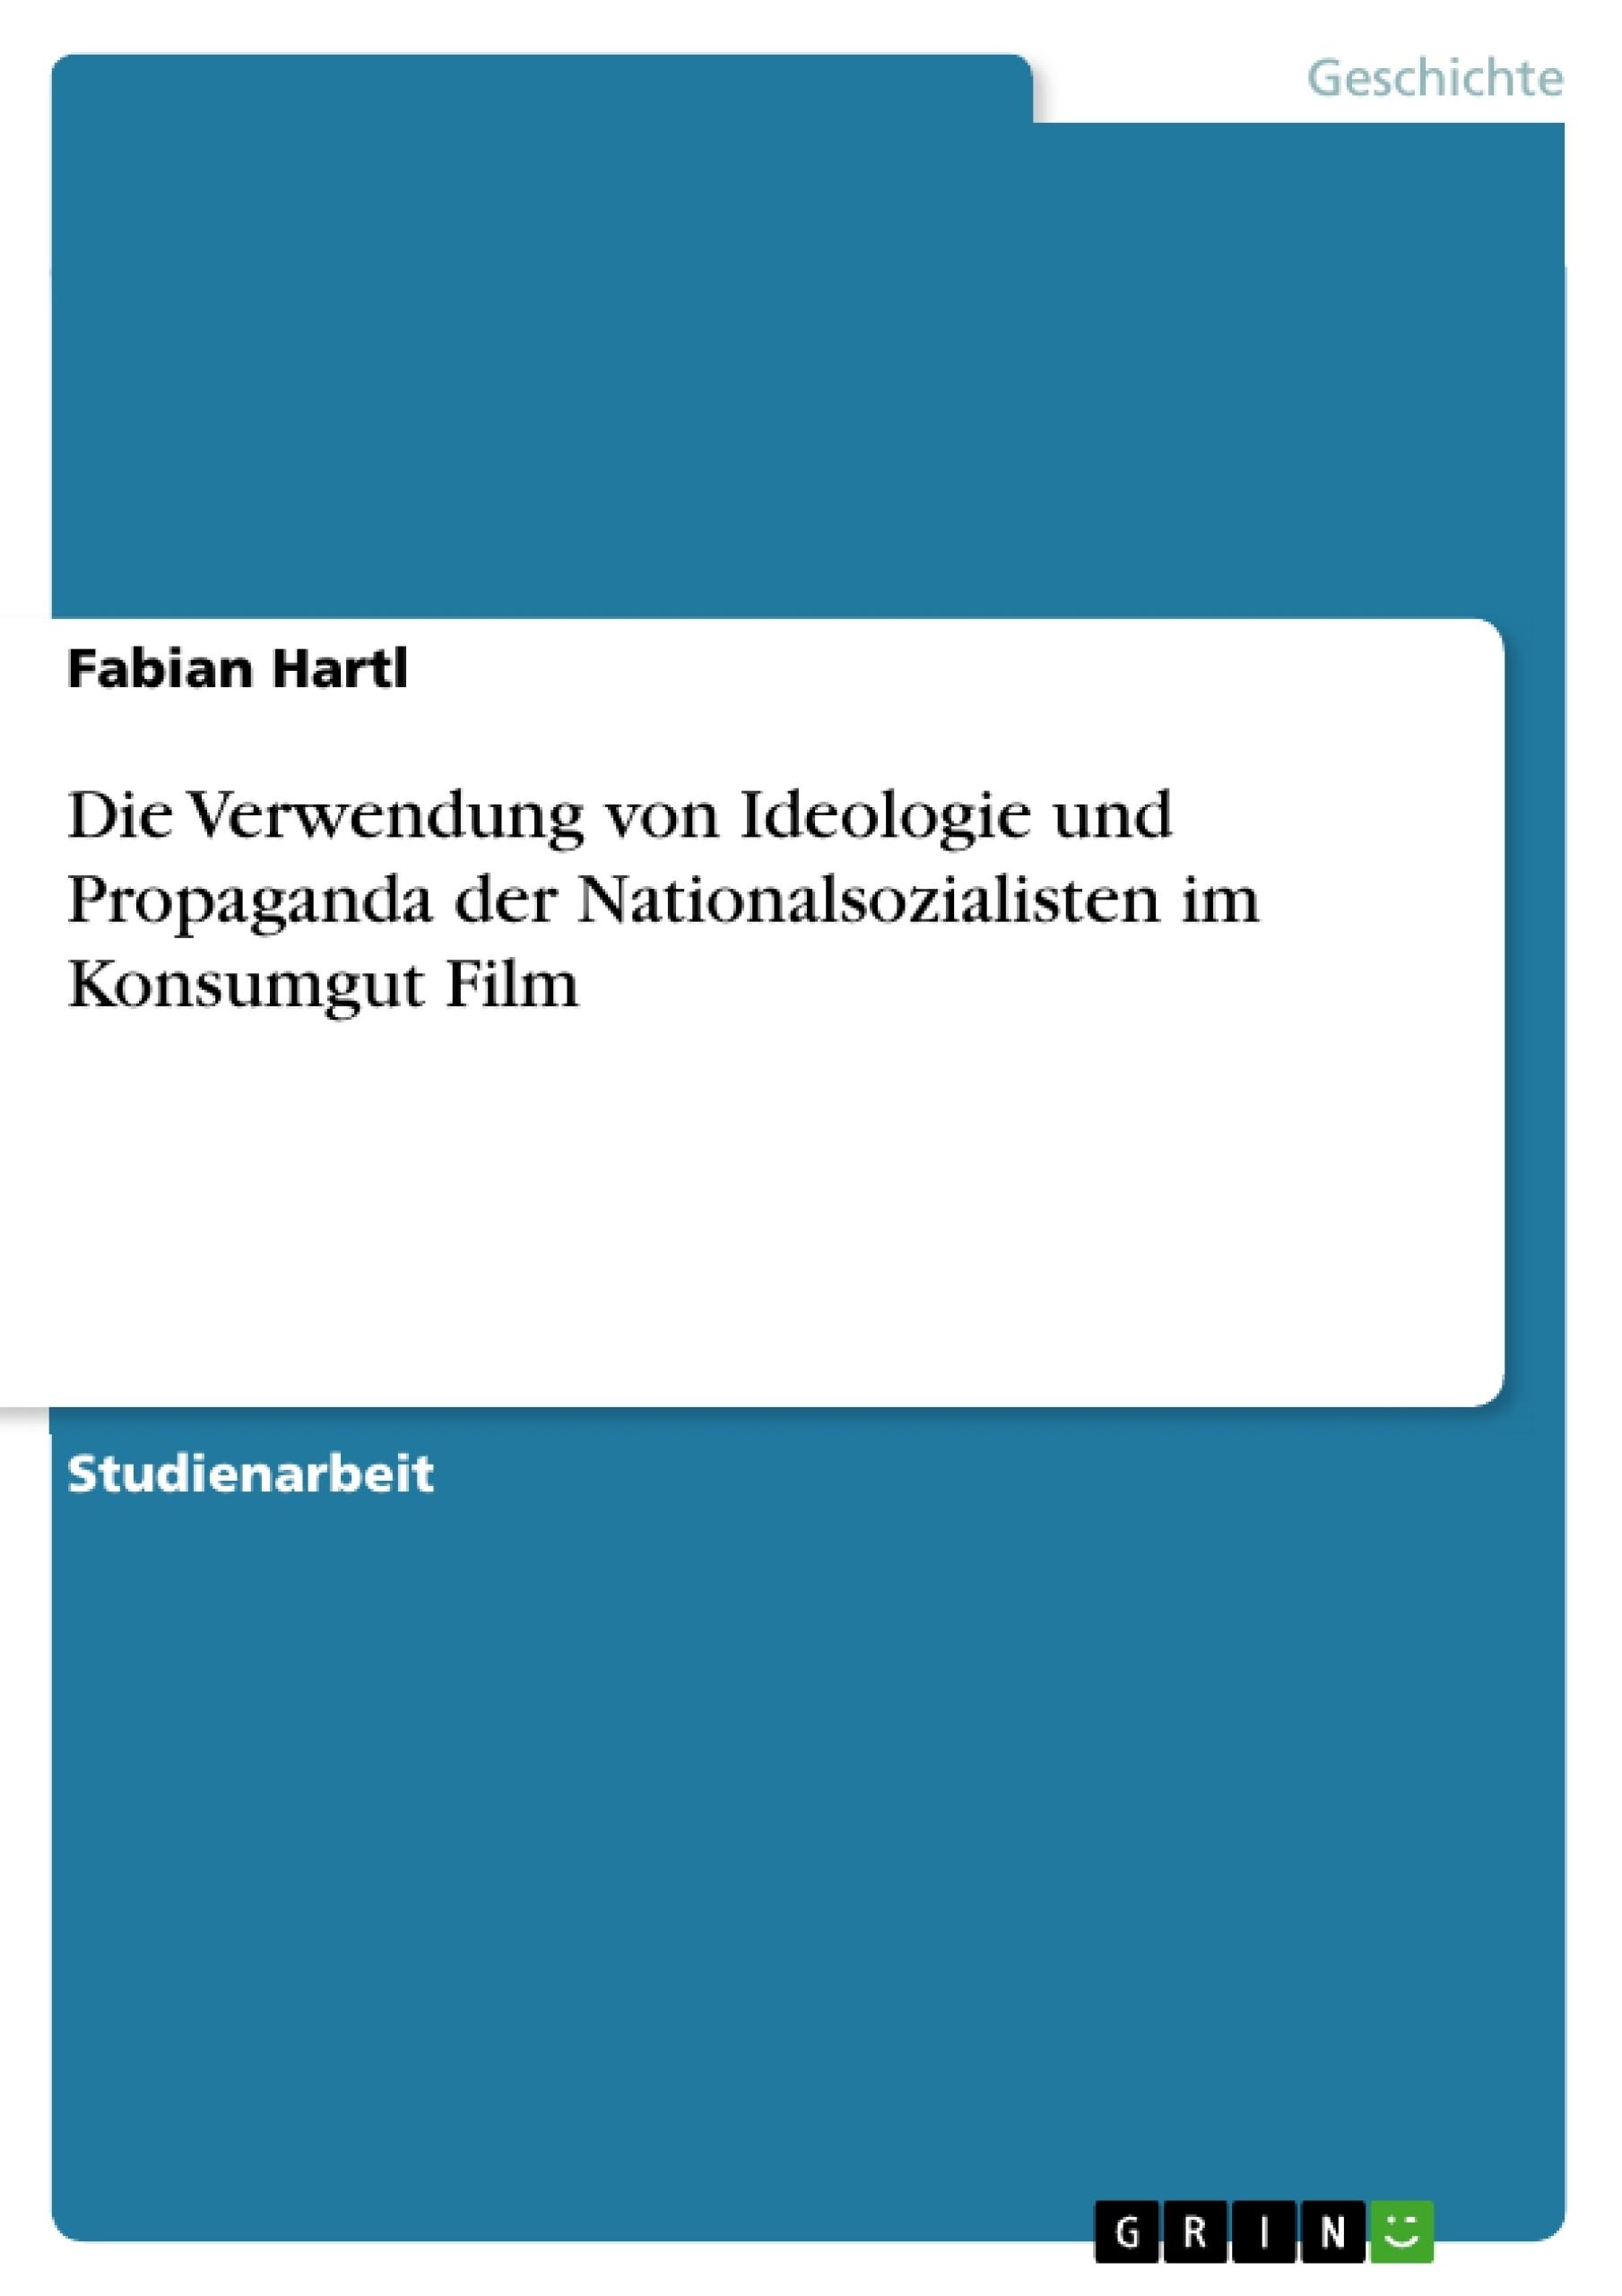 Titel: Die Verwendung von Ideologie und Propaganda der Nationalsozialisten im Konsumgut Film